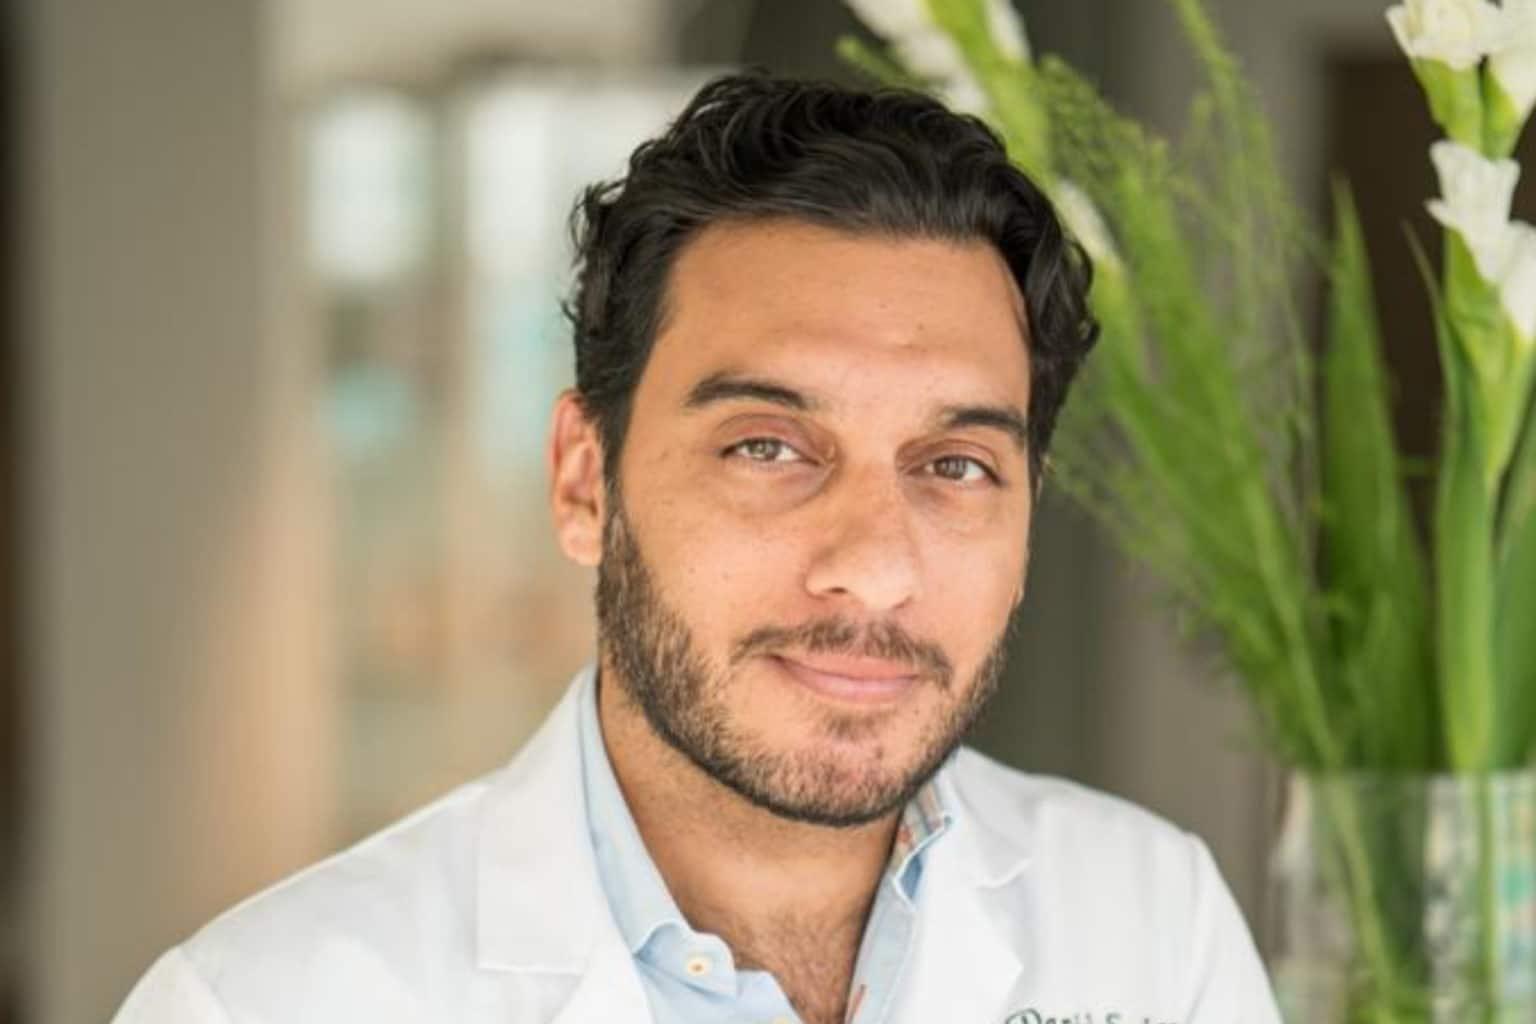 Daniel Saiepour